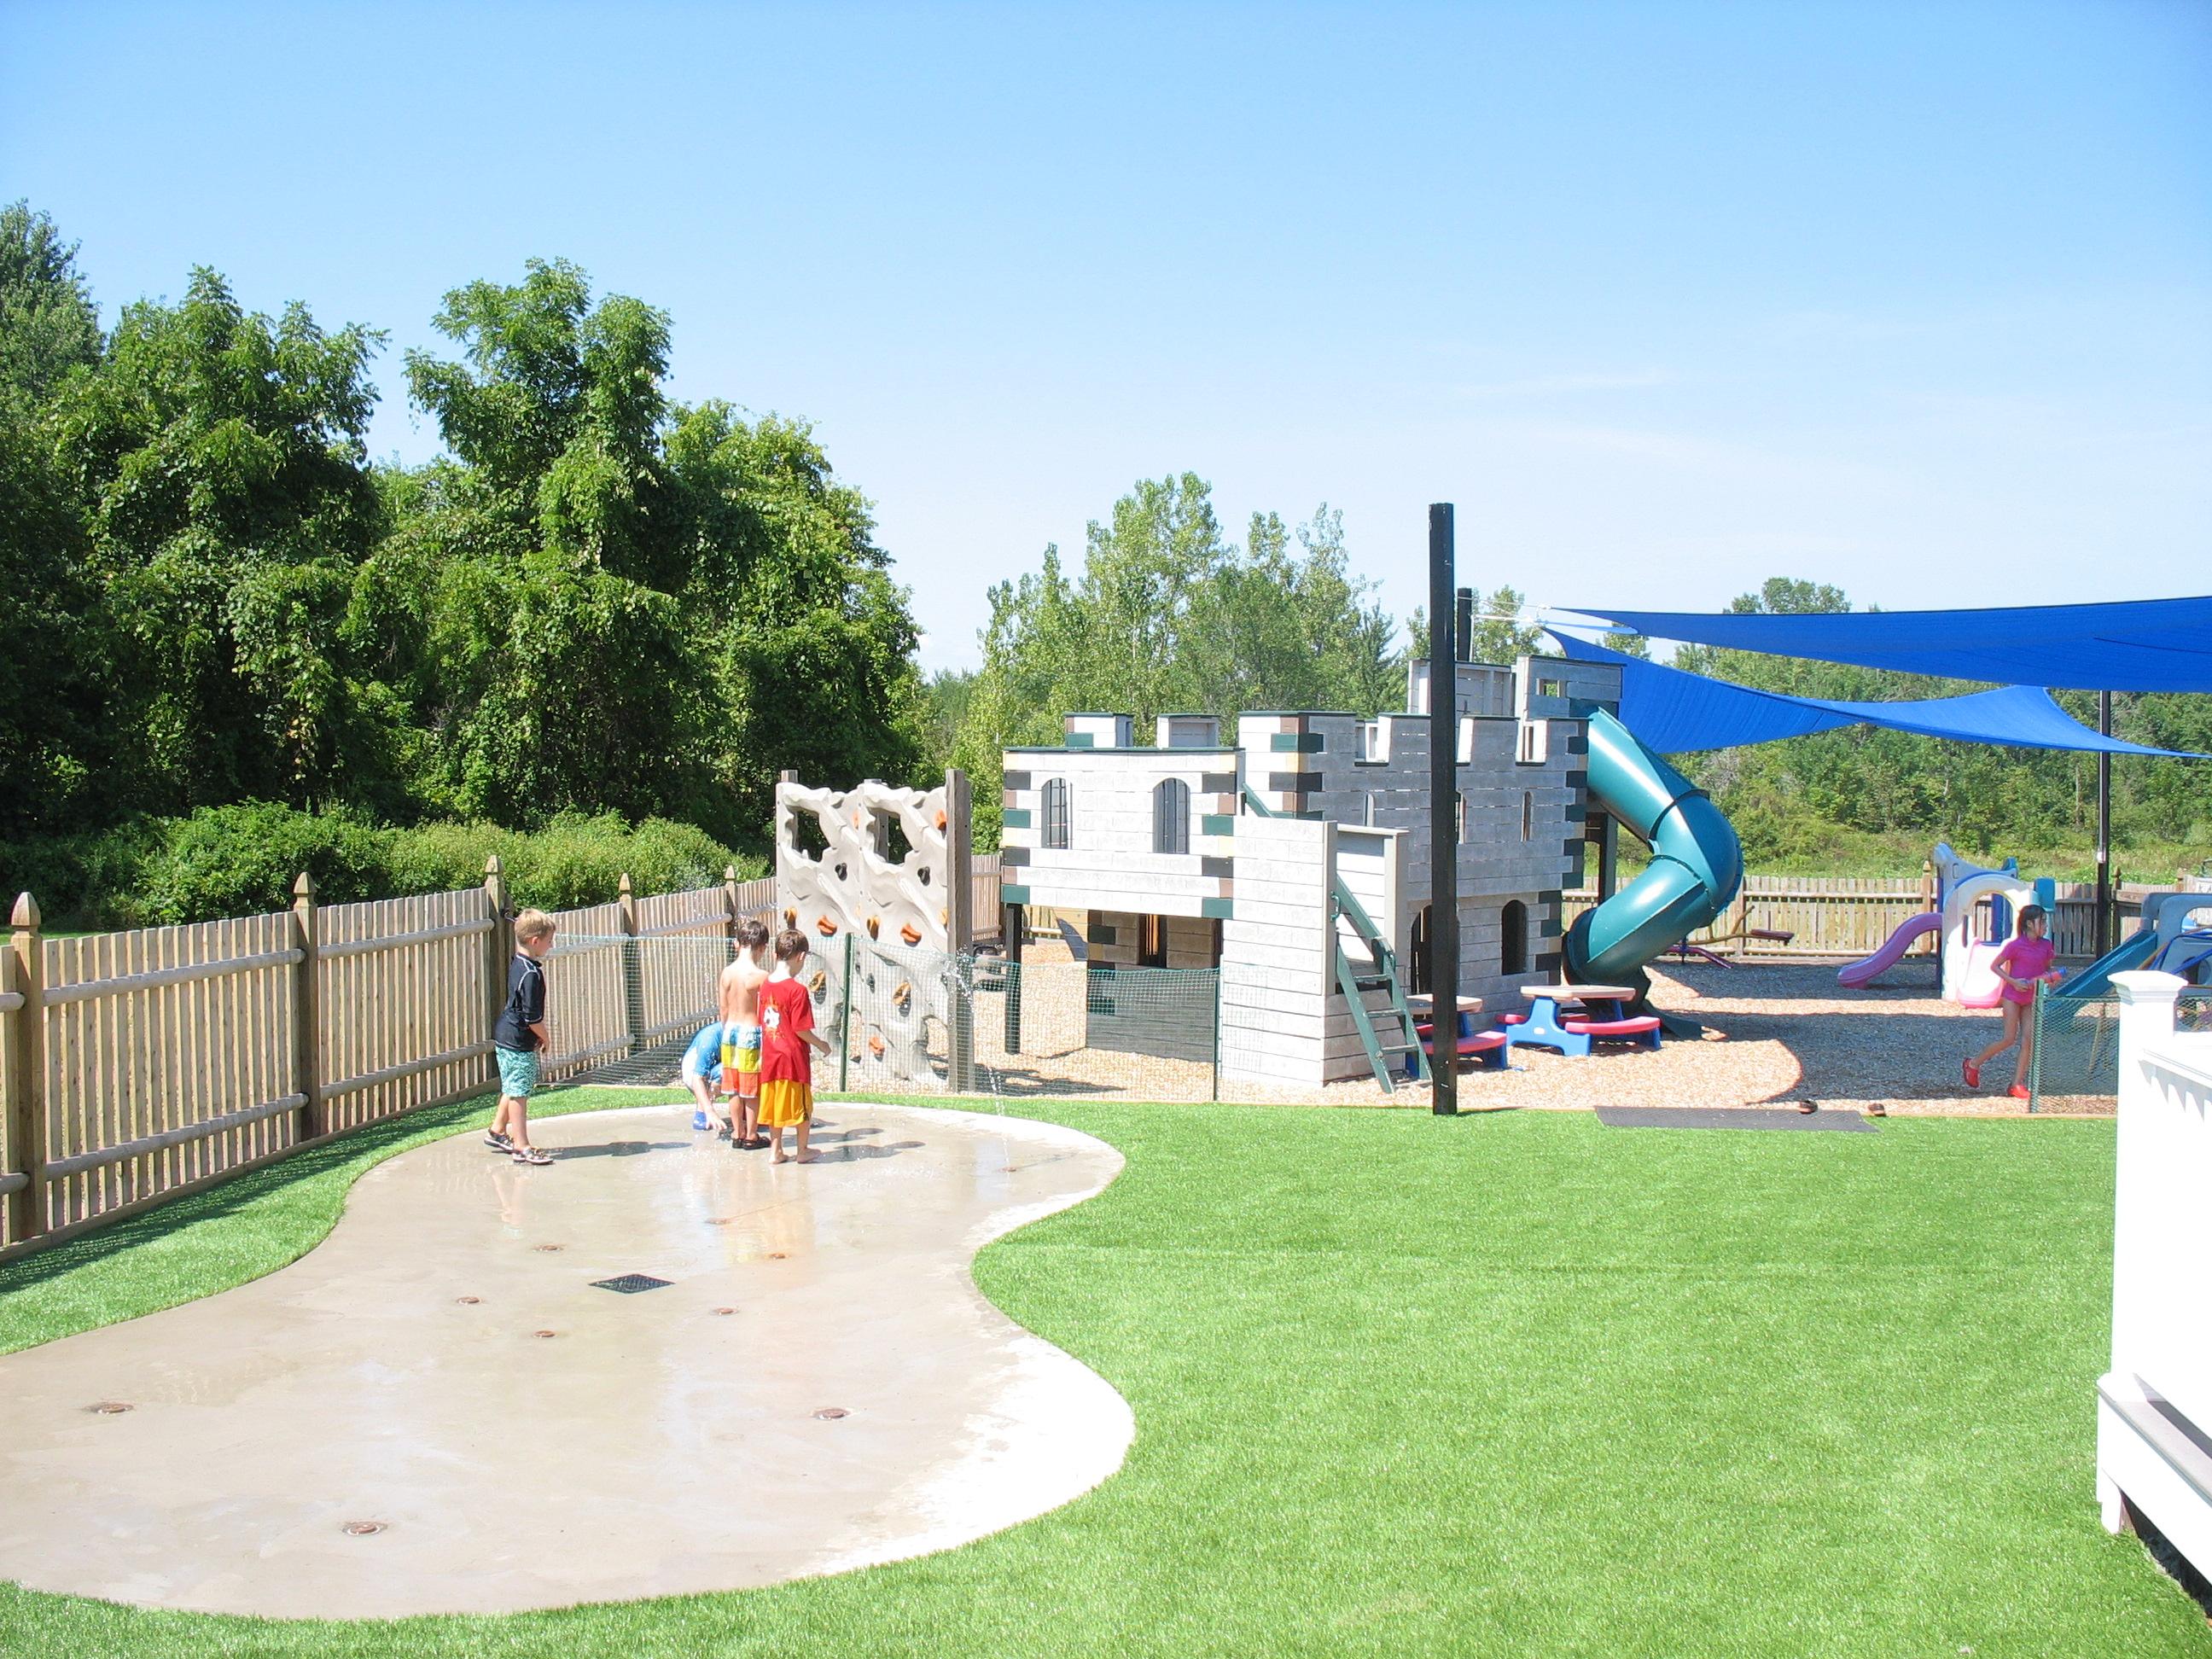 Splash Pad and Playground